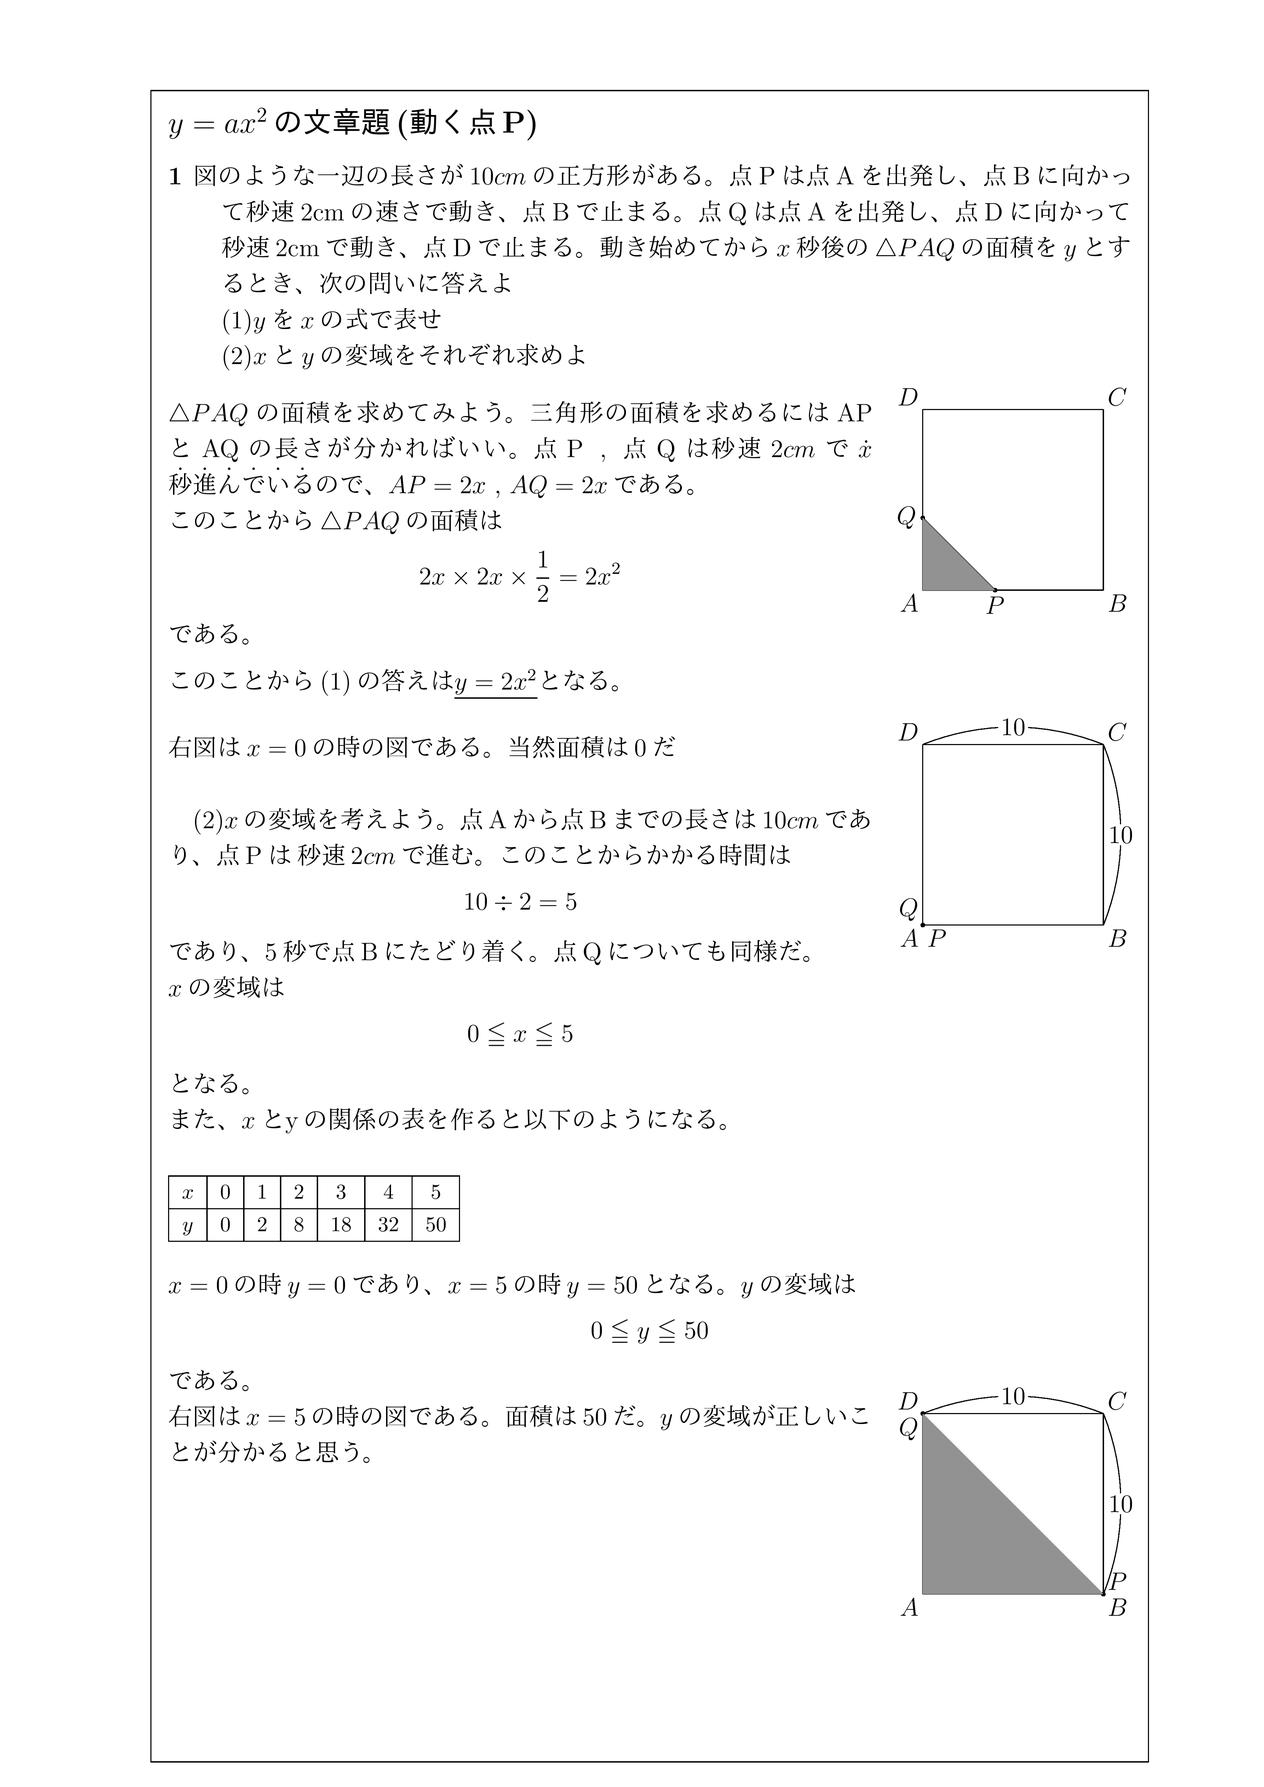 y=ax^2を利用した文章題